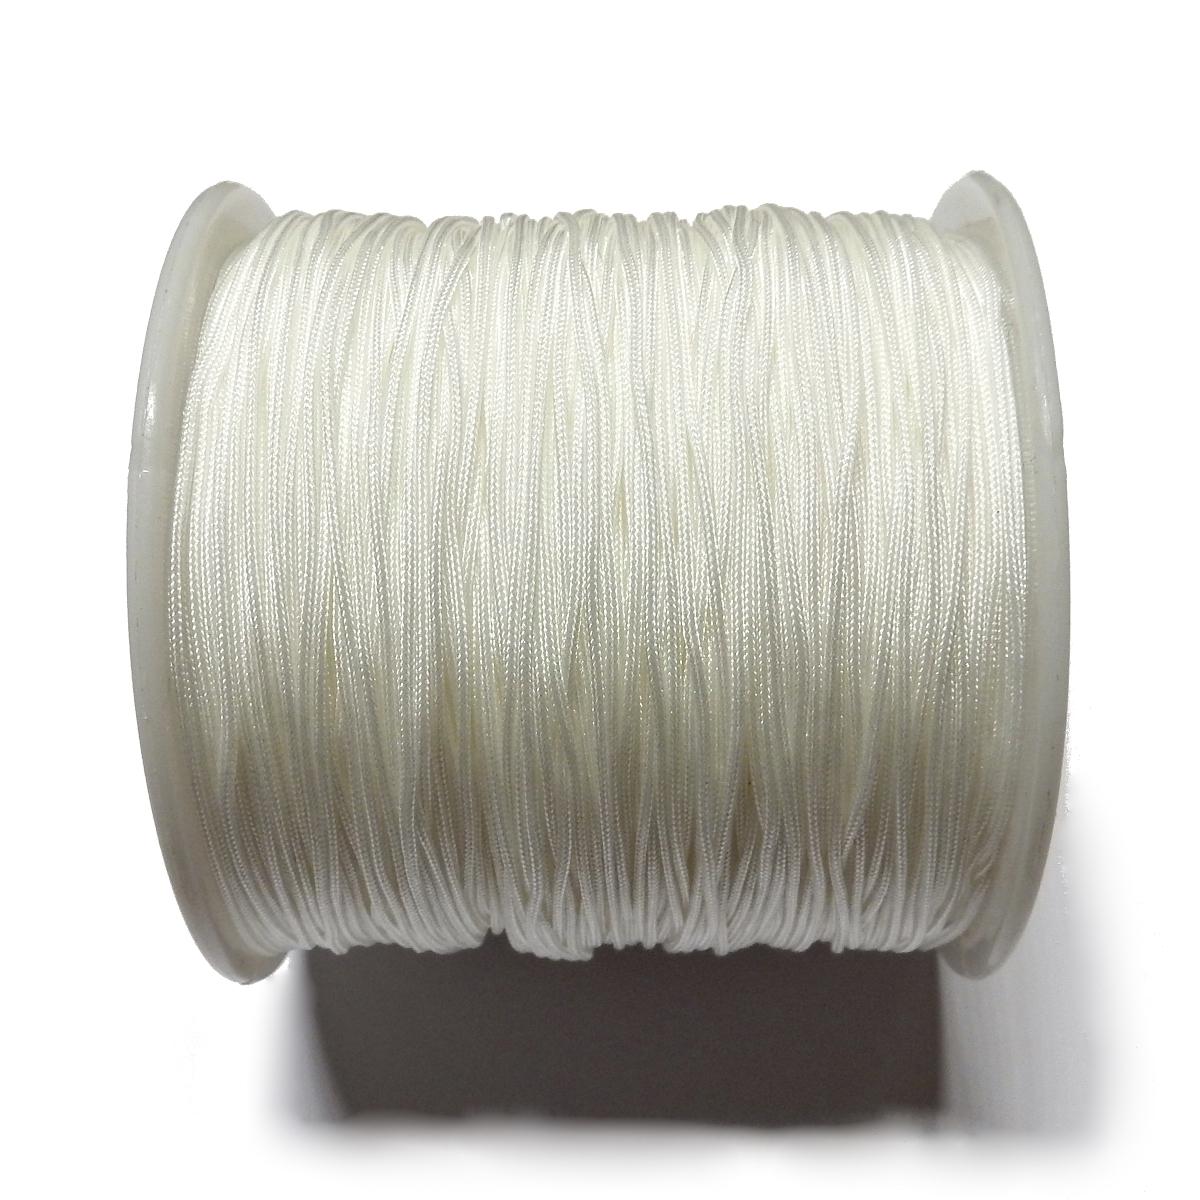 Nylon Cord 0.7mm - White 800